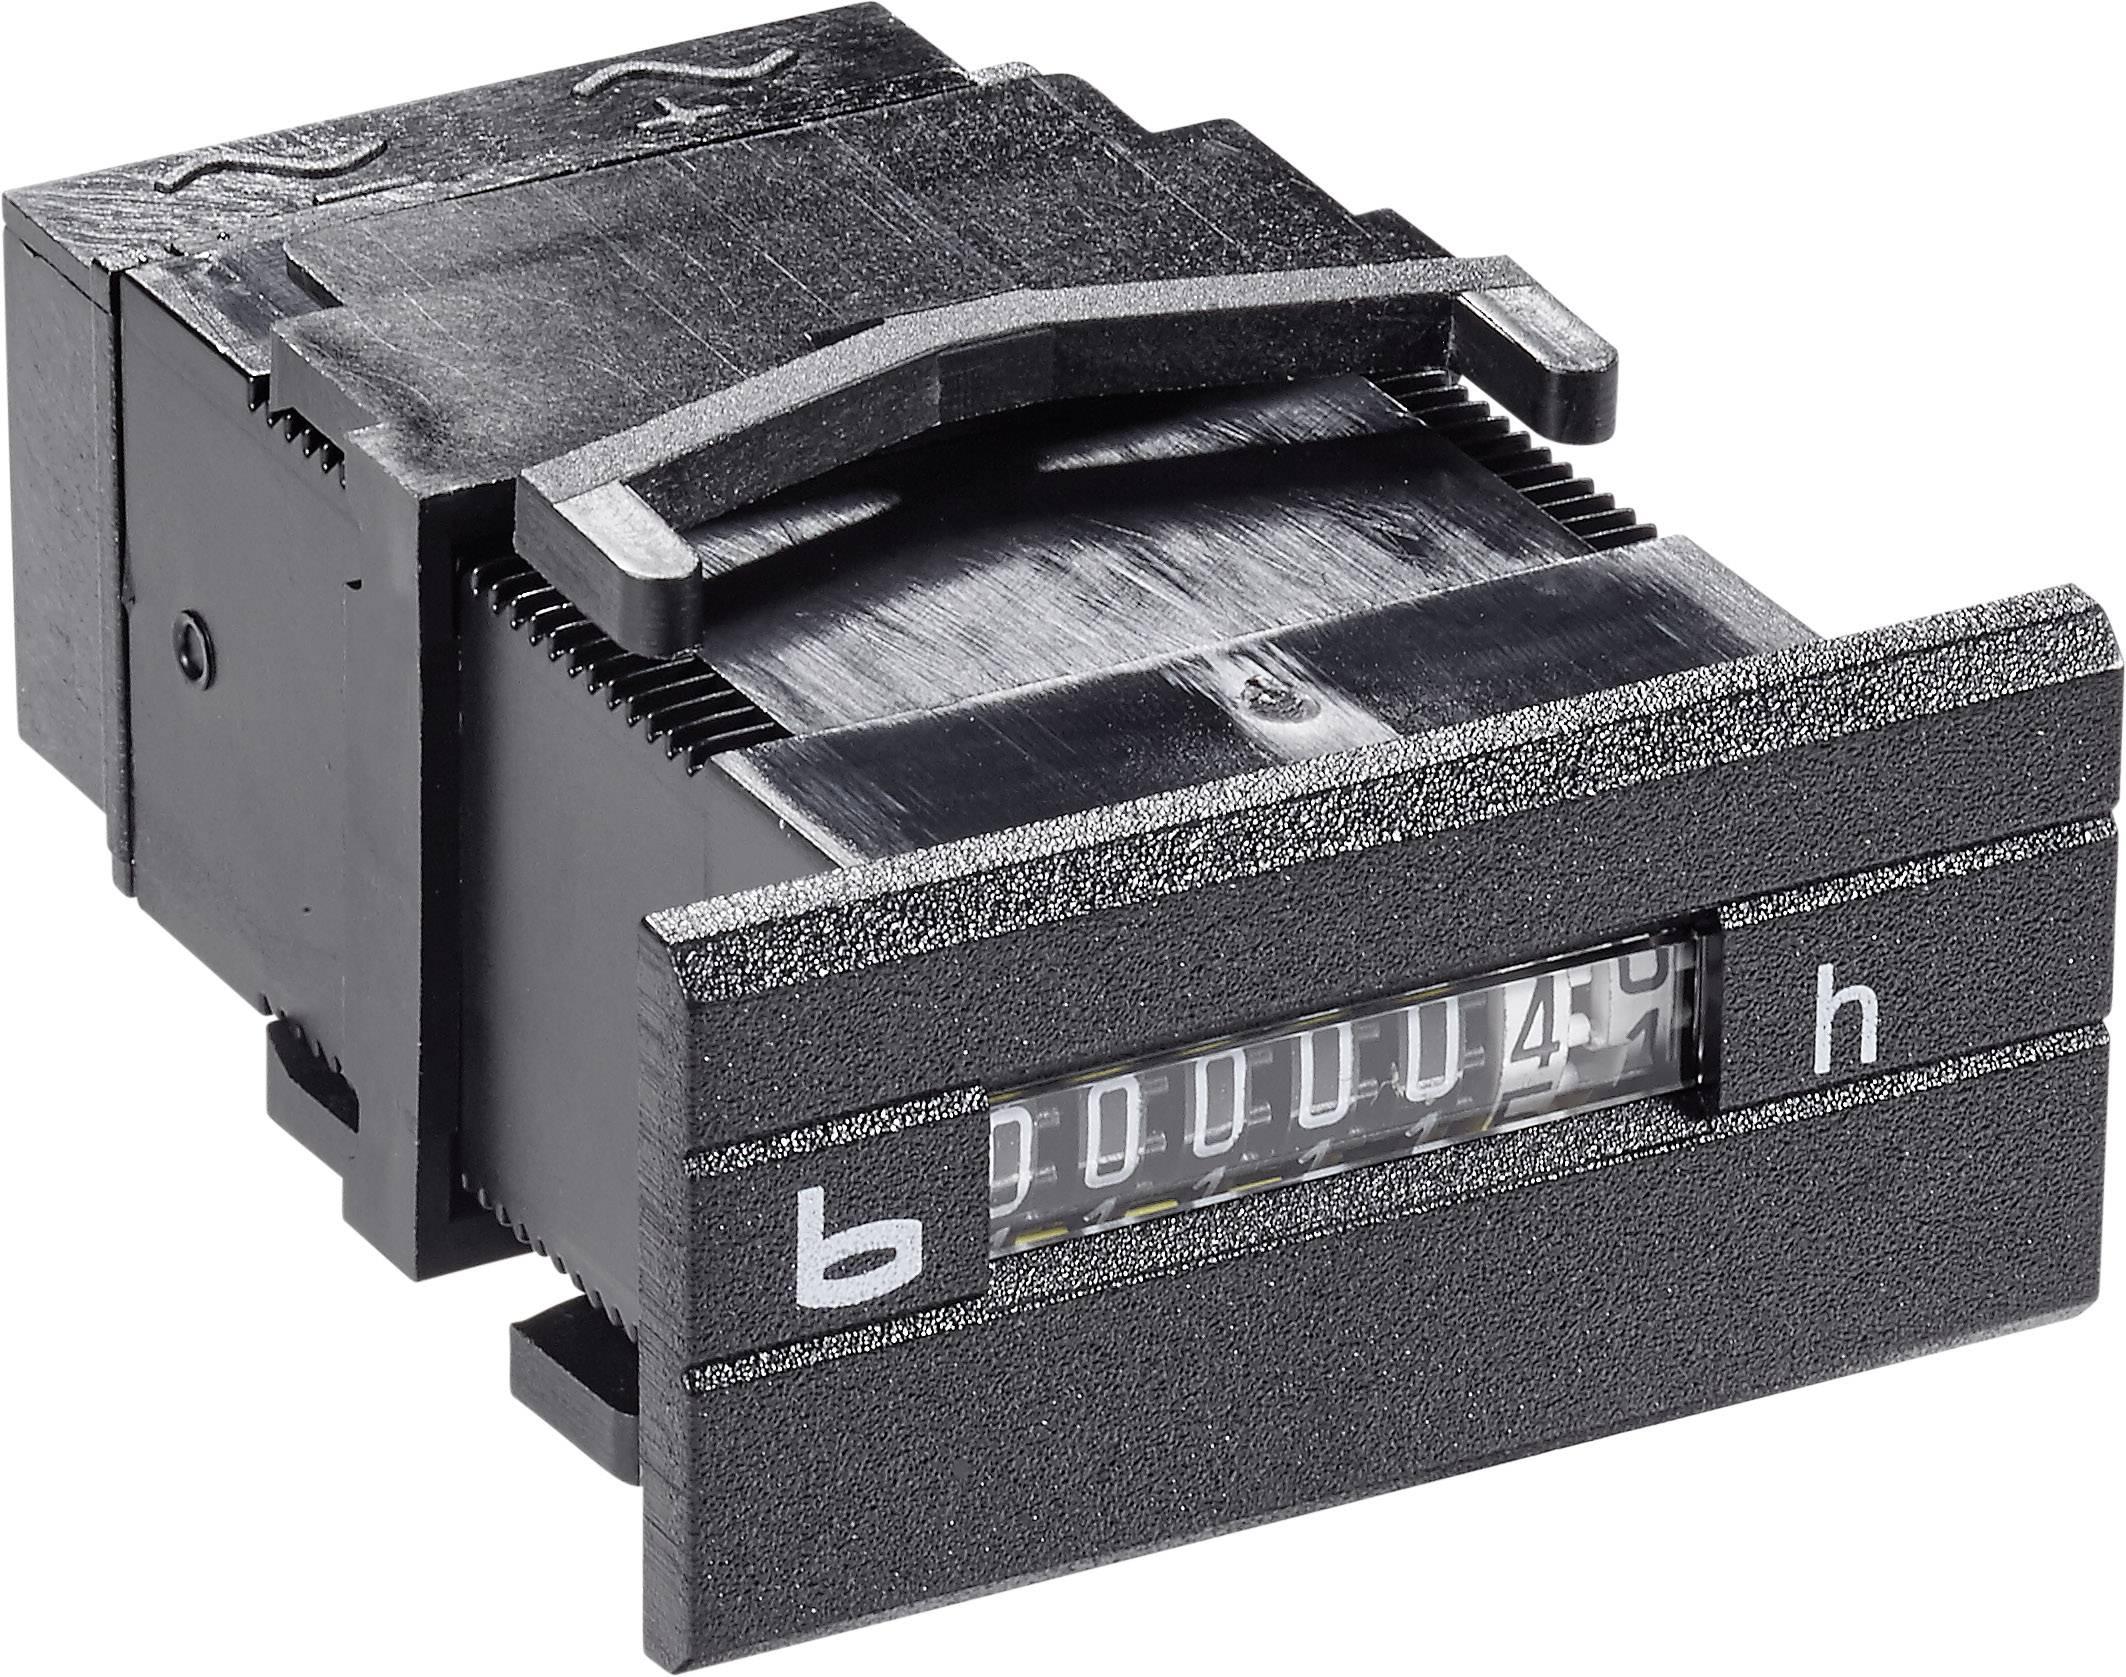 Bauser 262.2/008-022-0-1-001 Najmanji brojač radnih sati ‒ 262.2